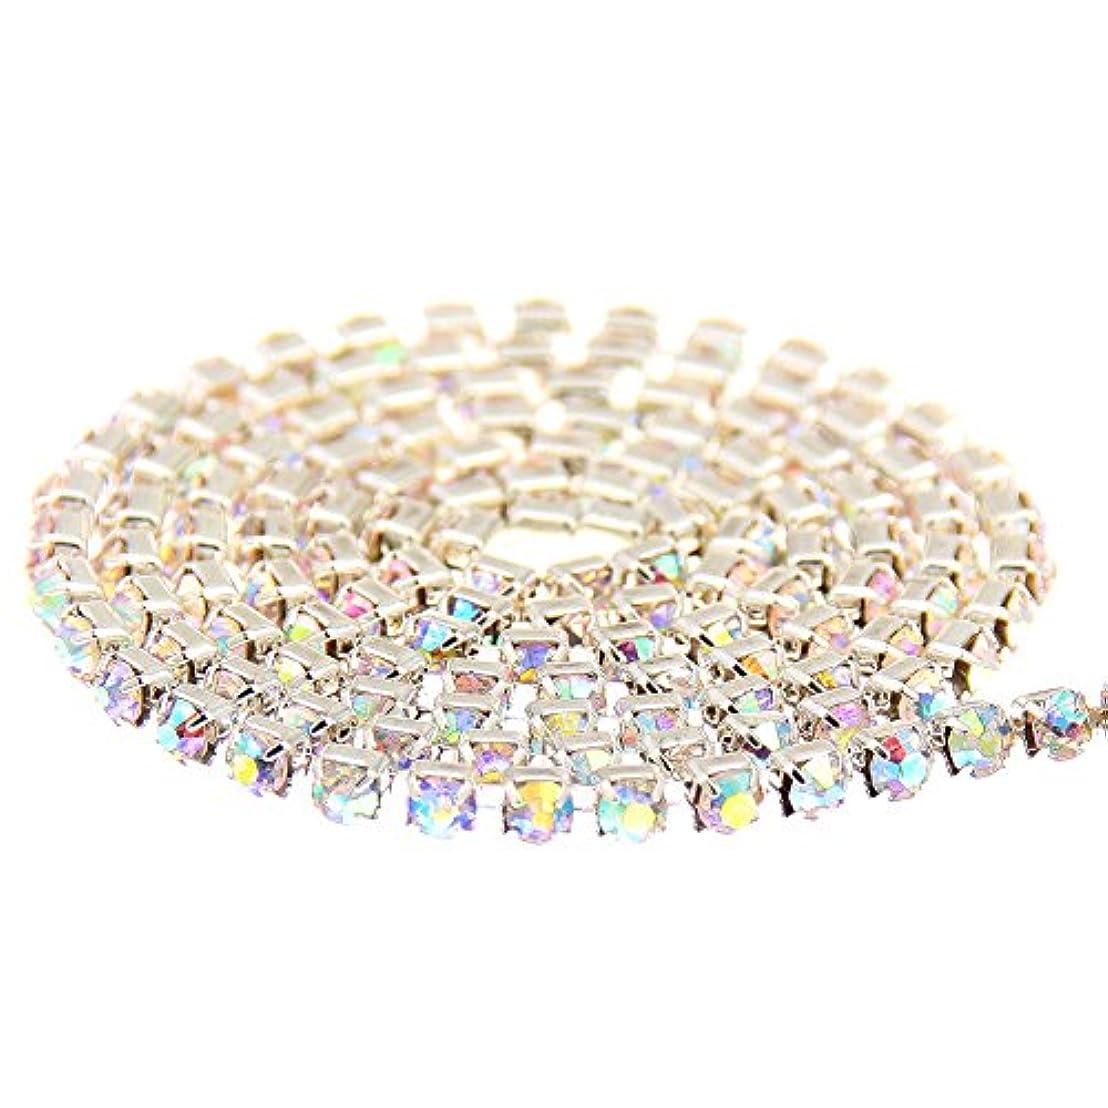 長々と中間たくさんのNizi Jewelry ストラスラインストーンチェーン:銅カップチェーン+ AAAグレードのガラスの尖った底ラインストーン(SS12(3ミリメートル)約5M、27クリスタルオーロラ+シルバーベース)